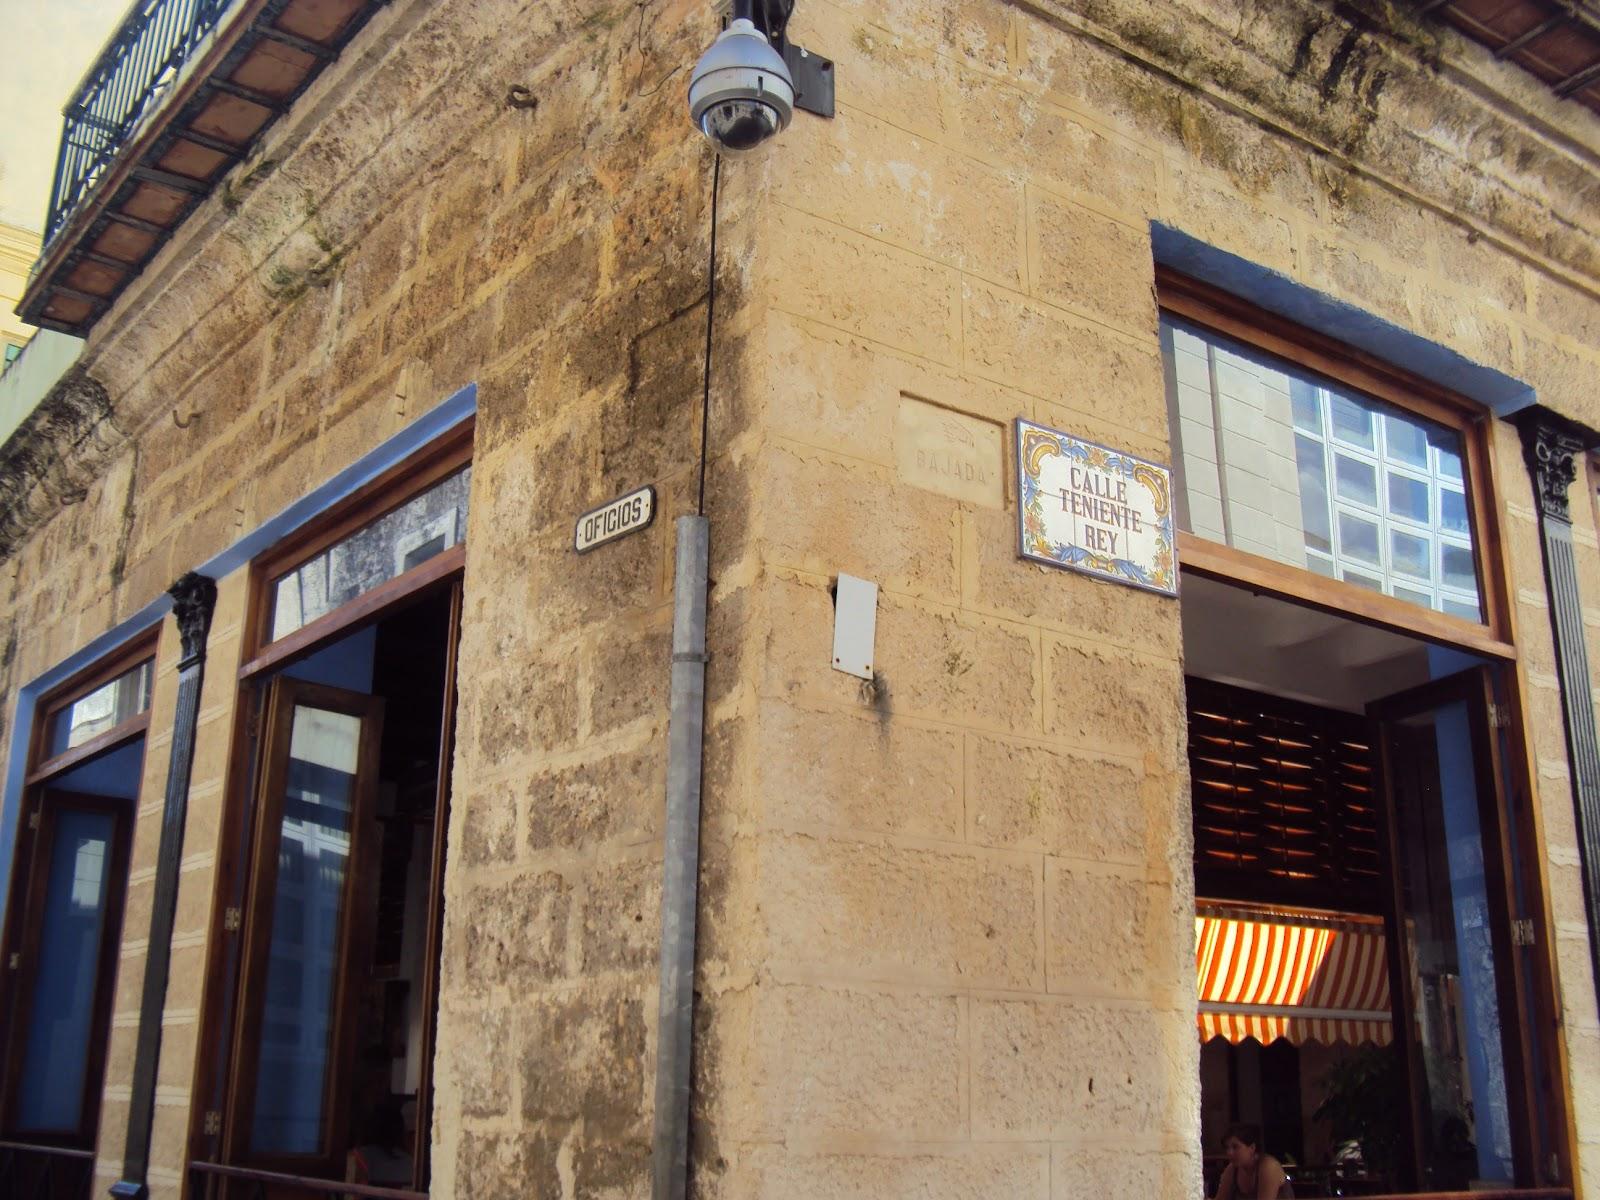 Guia caseiro de cuba novo restaurantes bares for Calle neptuno e prado y zulueta habana vieja habana cuba